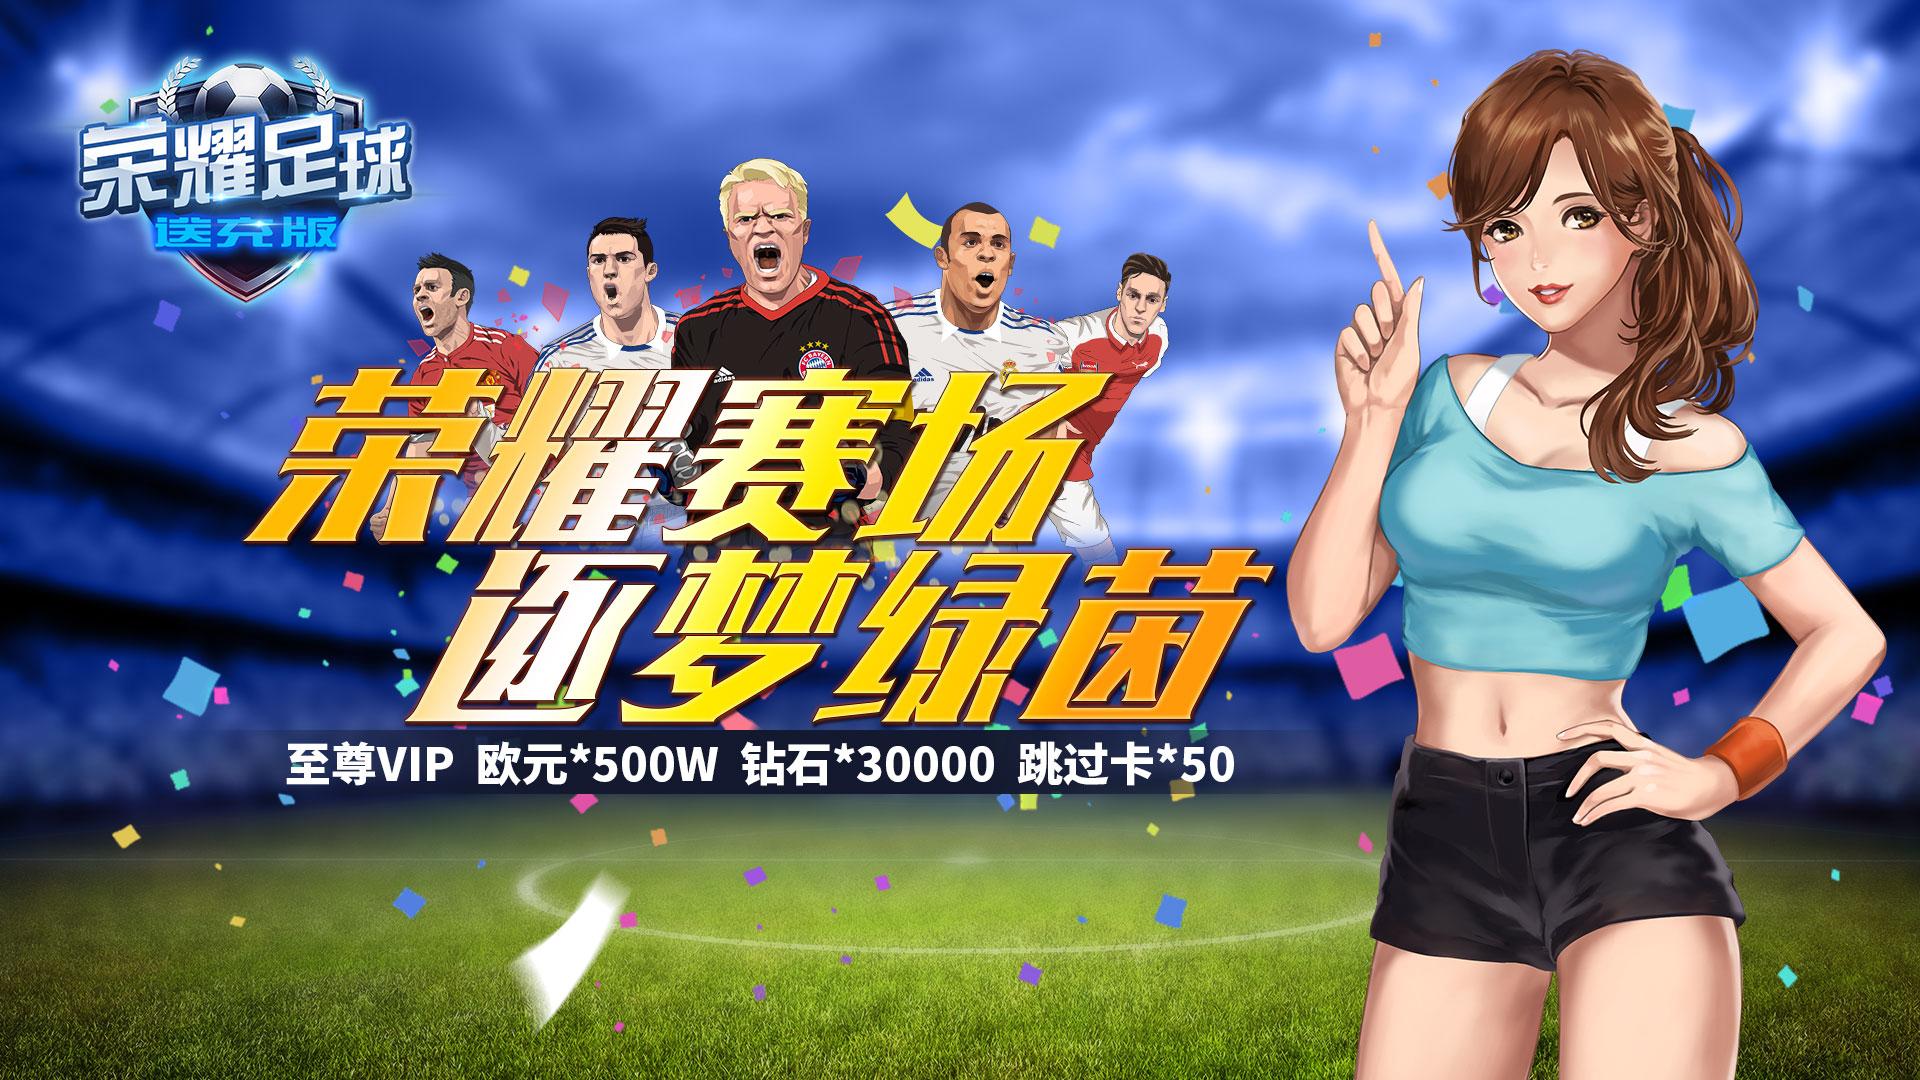 荣耀足球变态版怎么获得新球员-新球员获得攻略